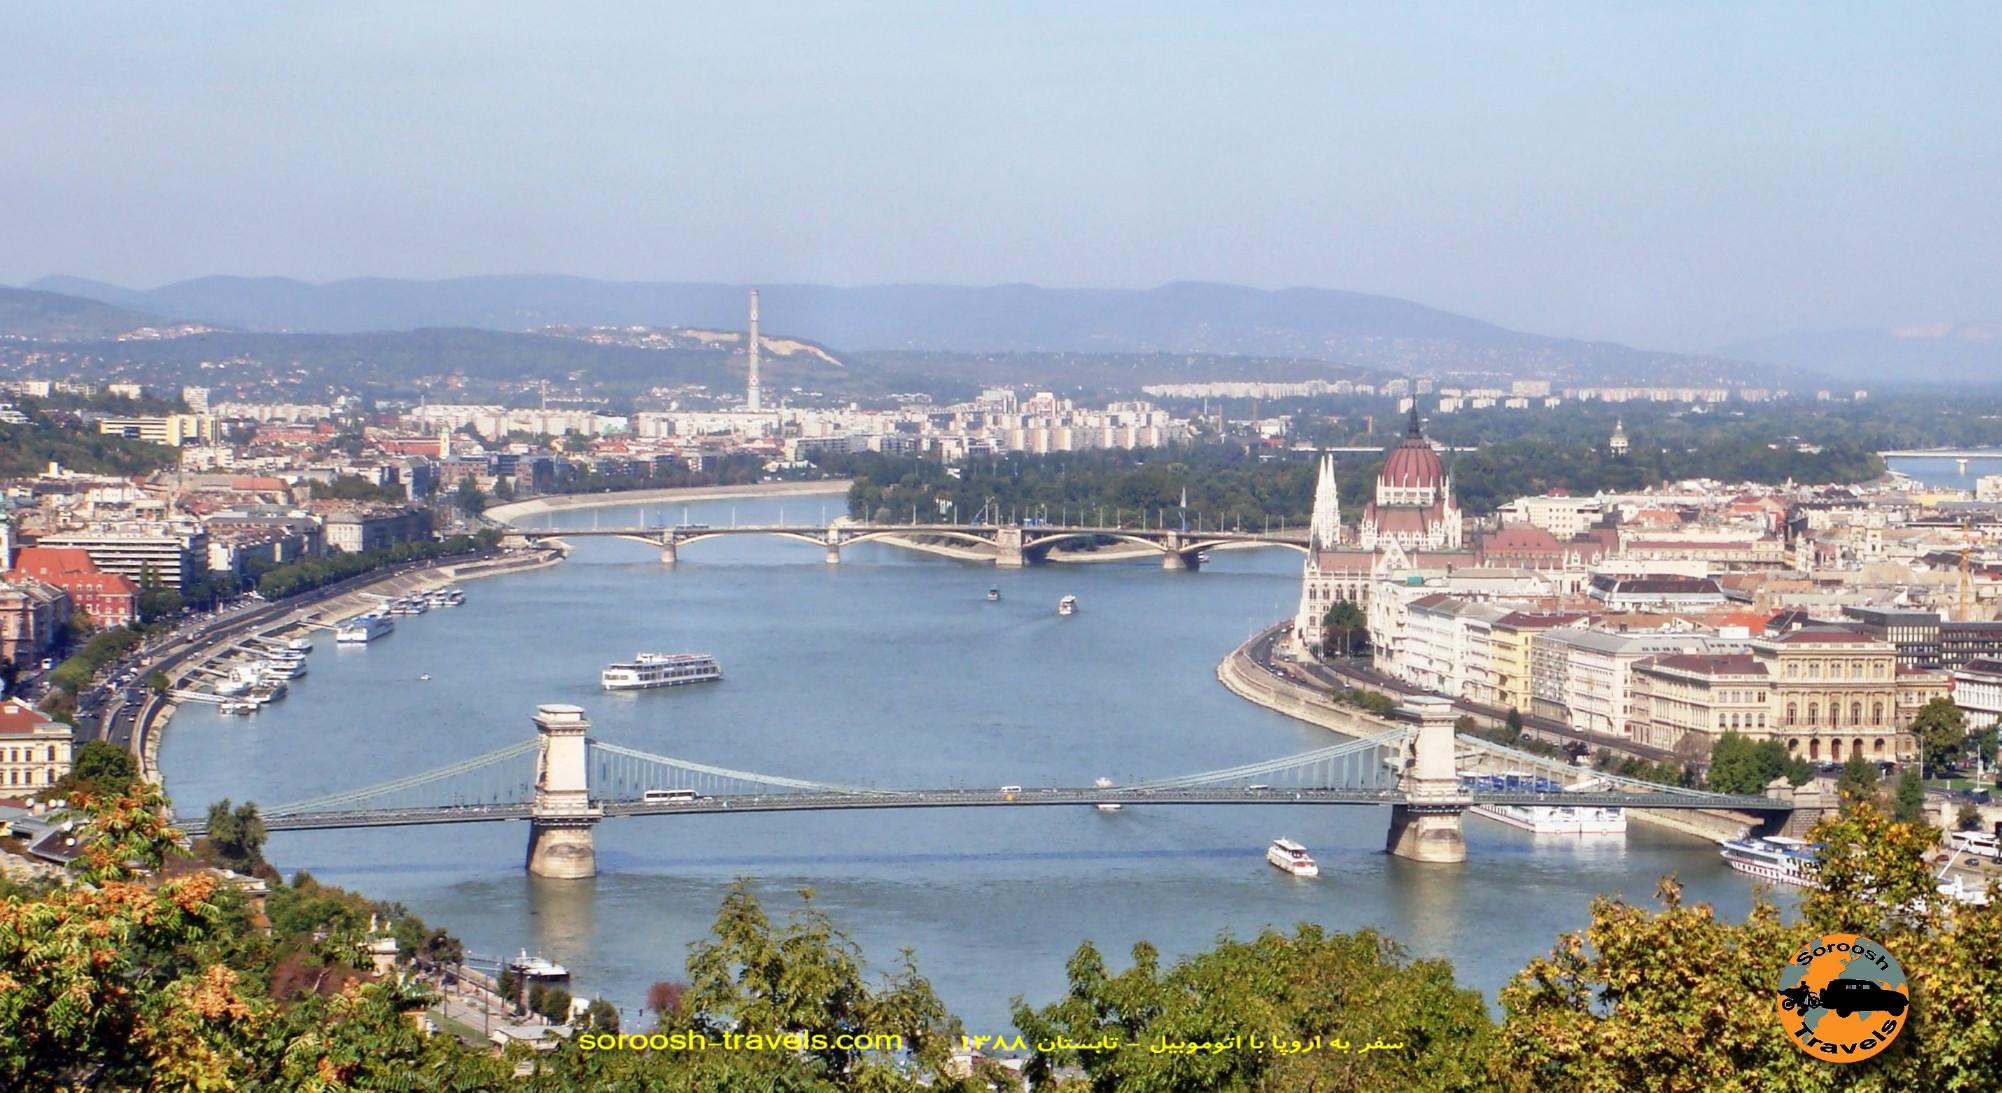 05-mehr-1388-27-september-2009-budapest-2